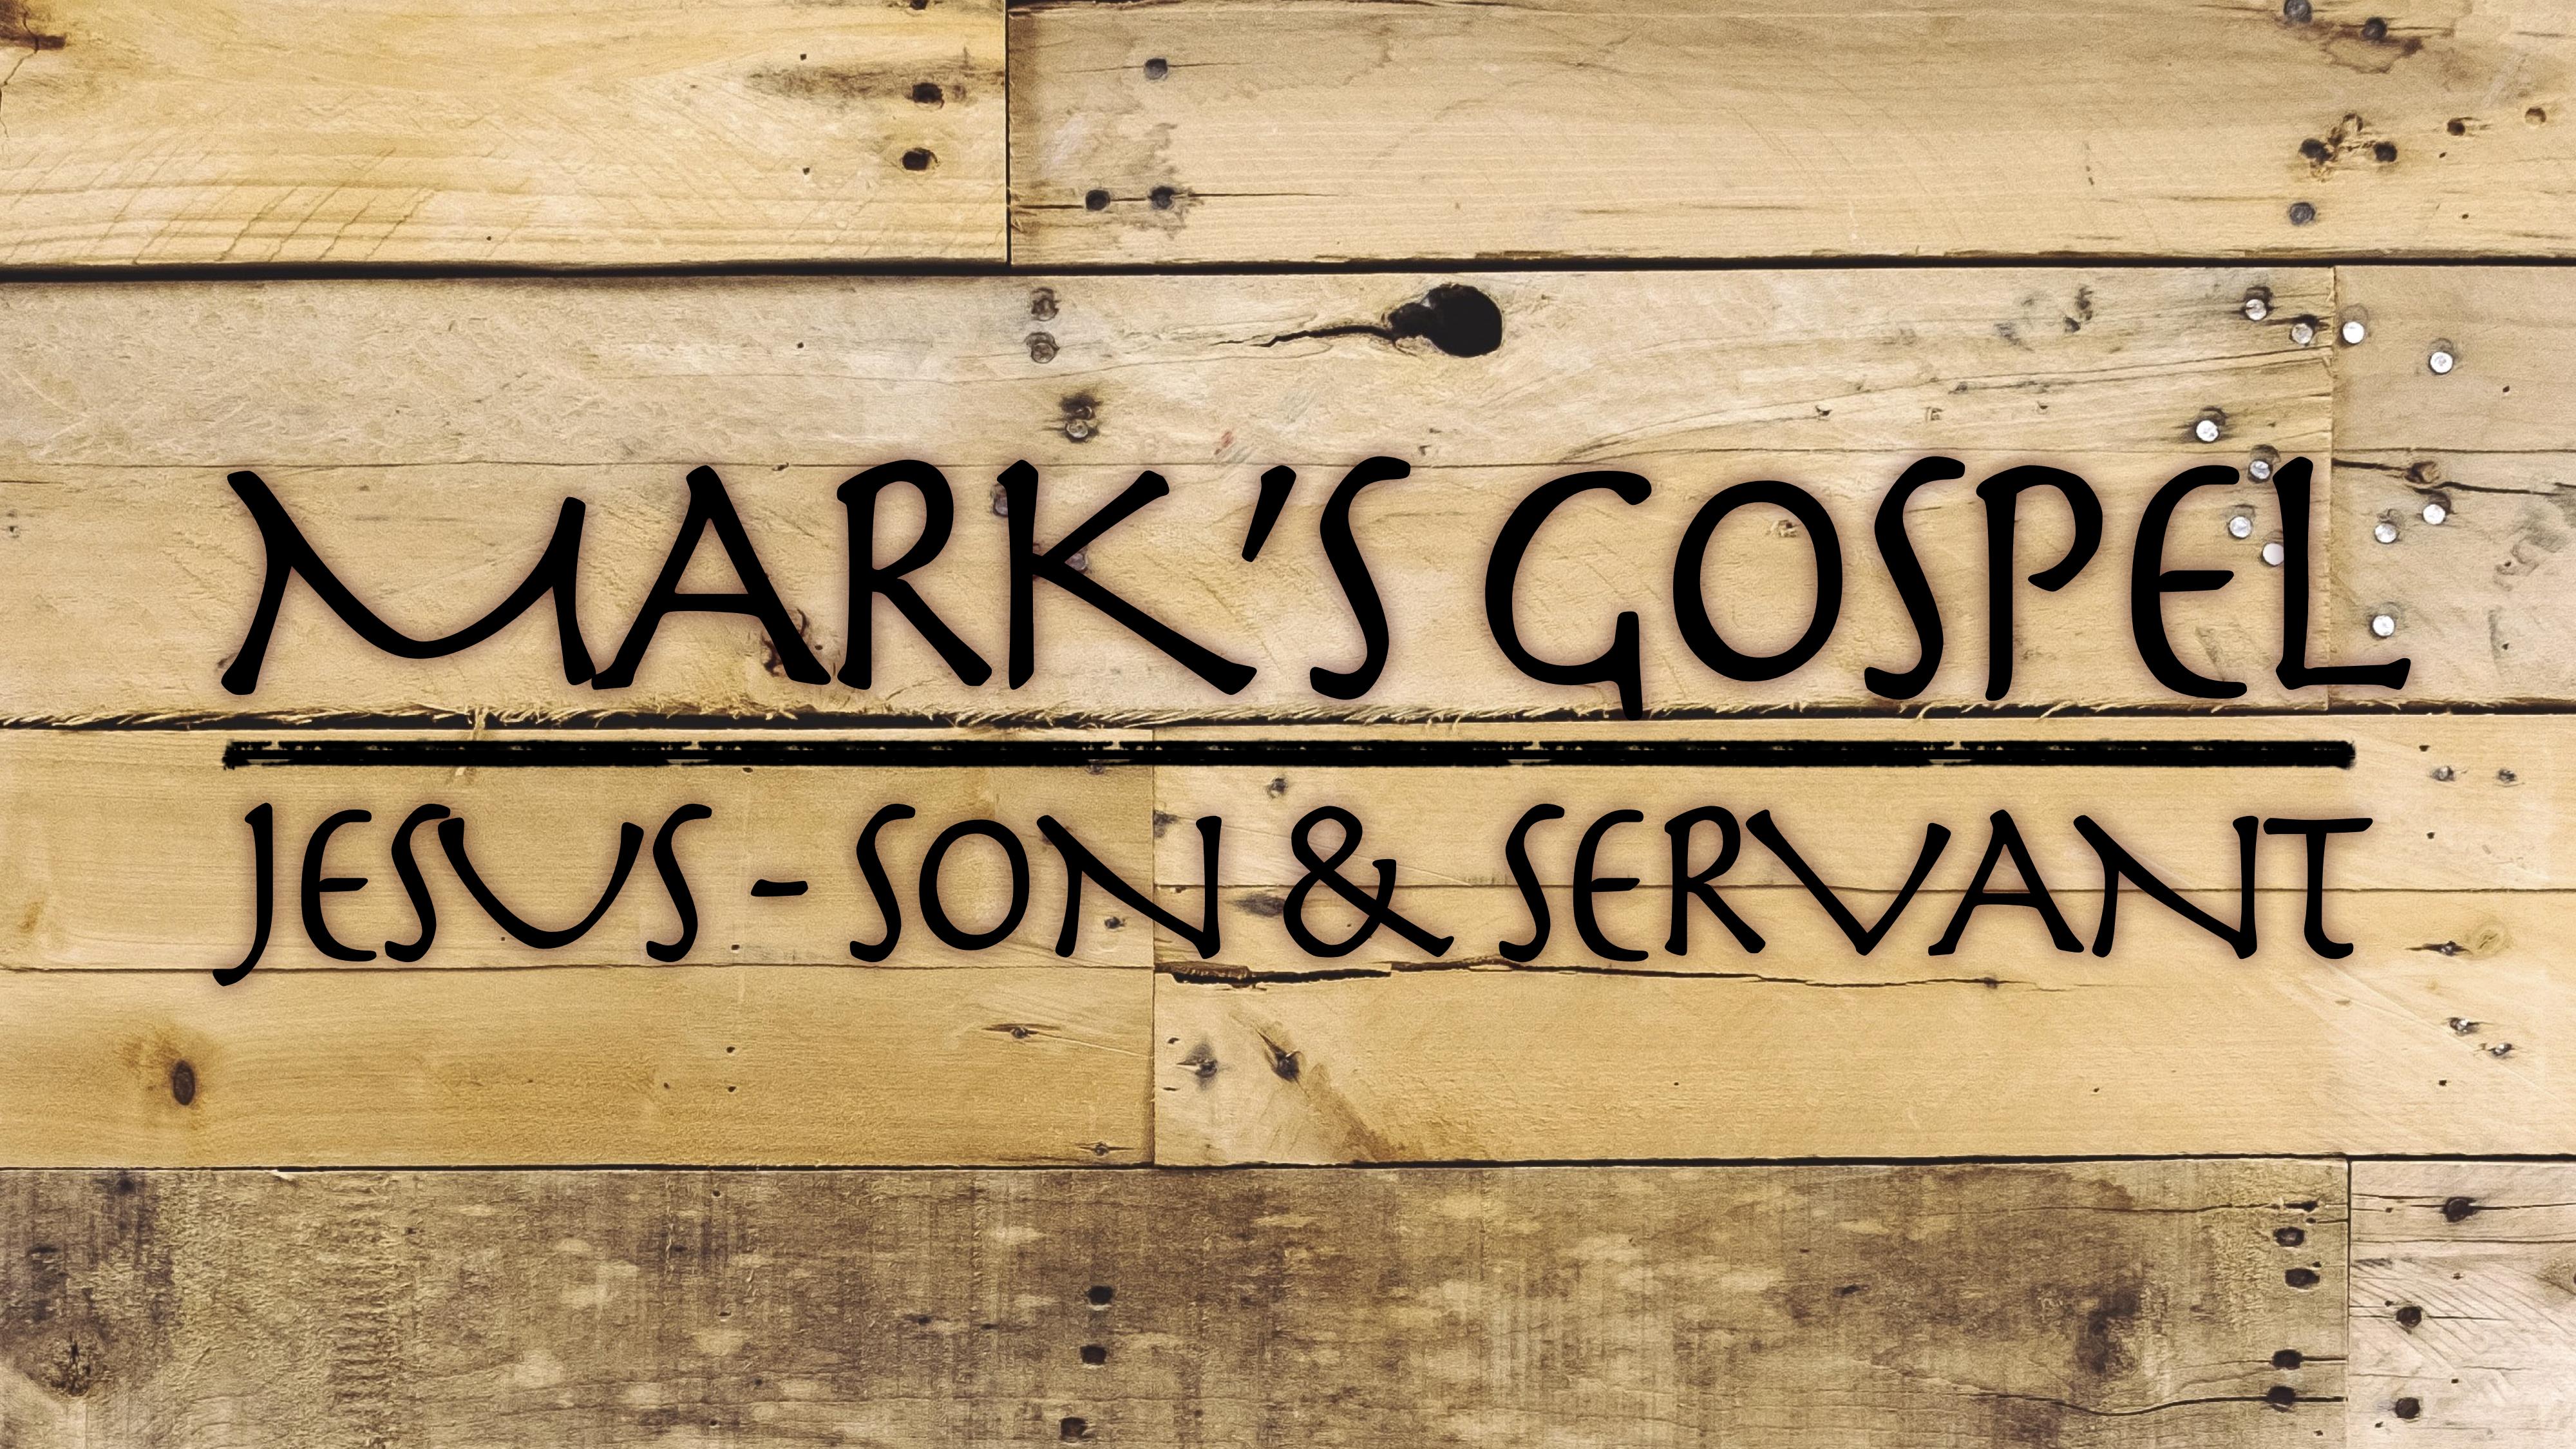 MARKS GOSPEL TITLE SLIDE